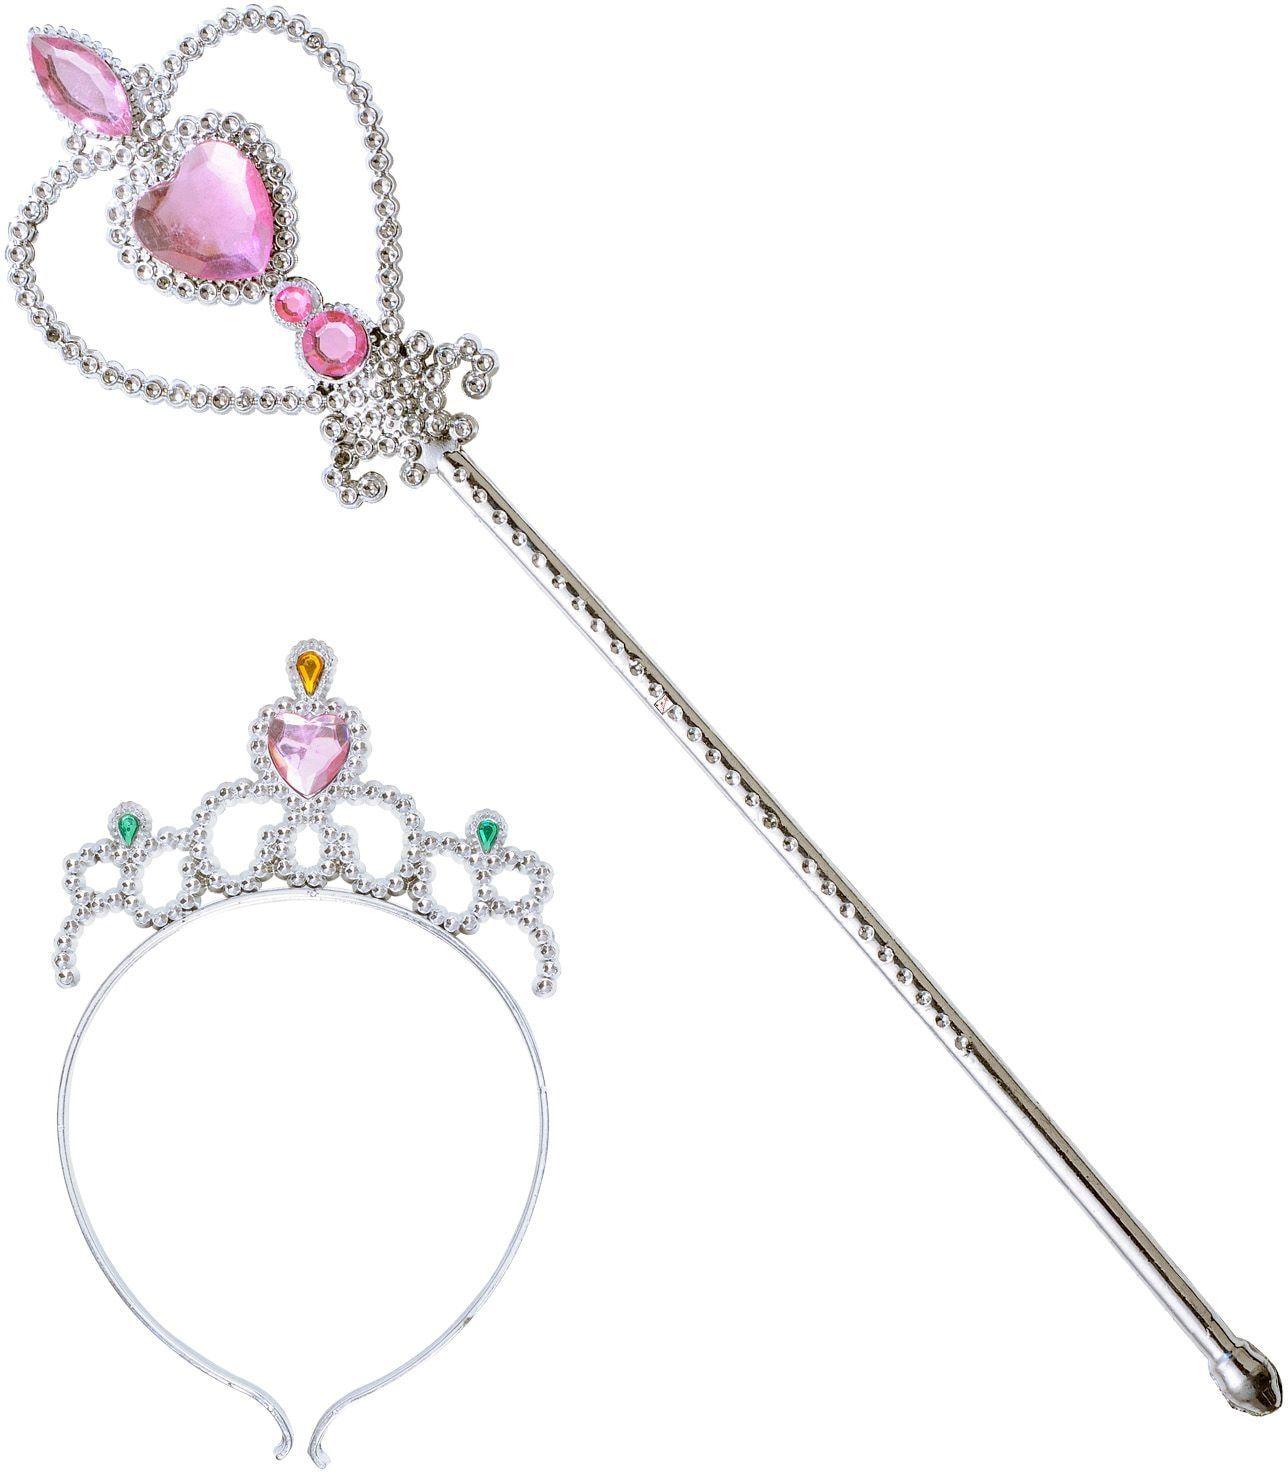 Zilveren tiara en staf met roze juwelen